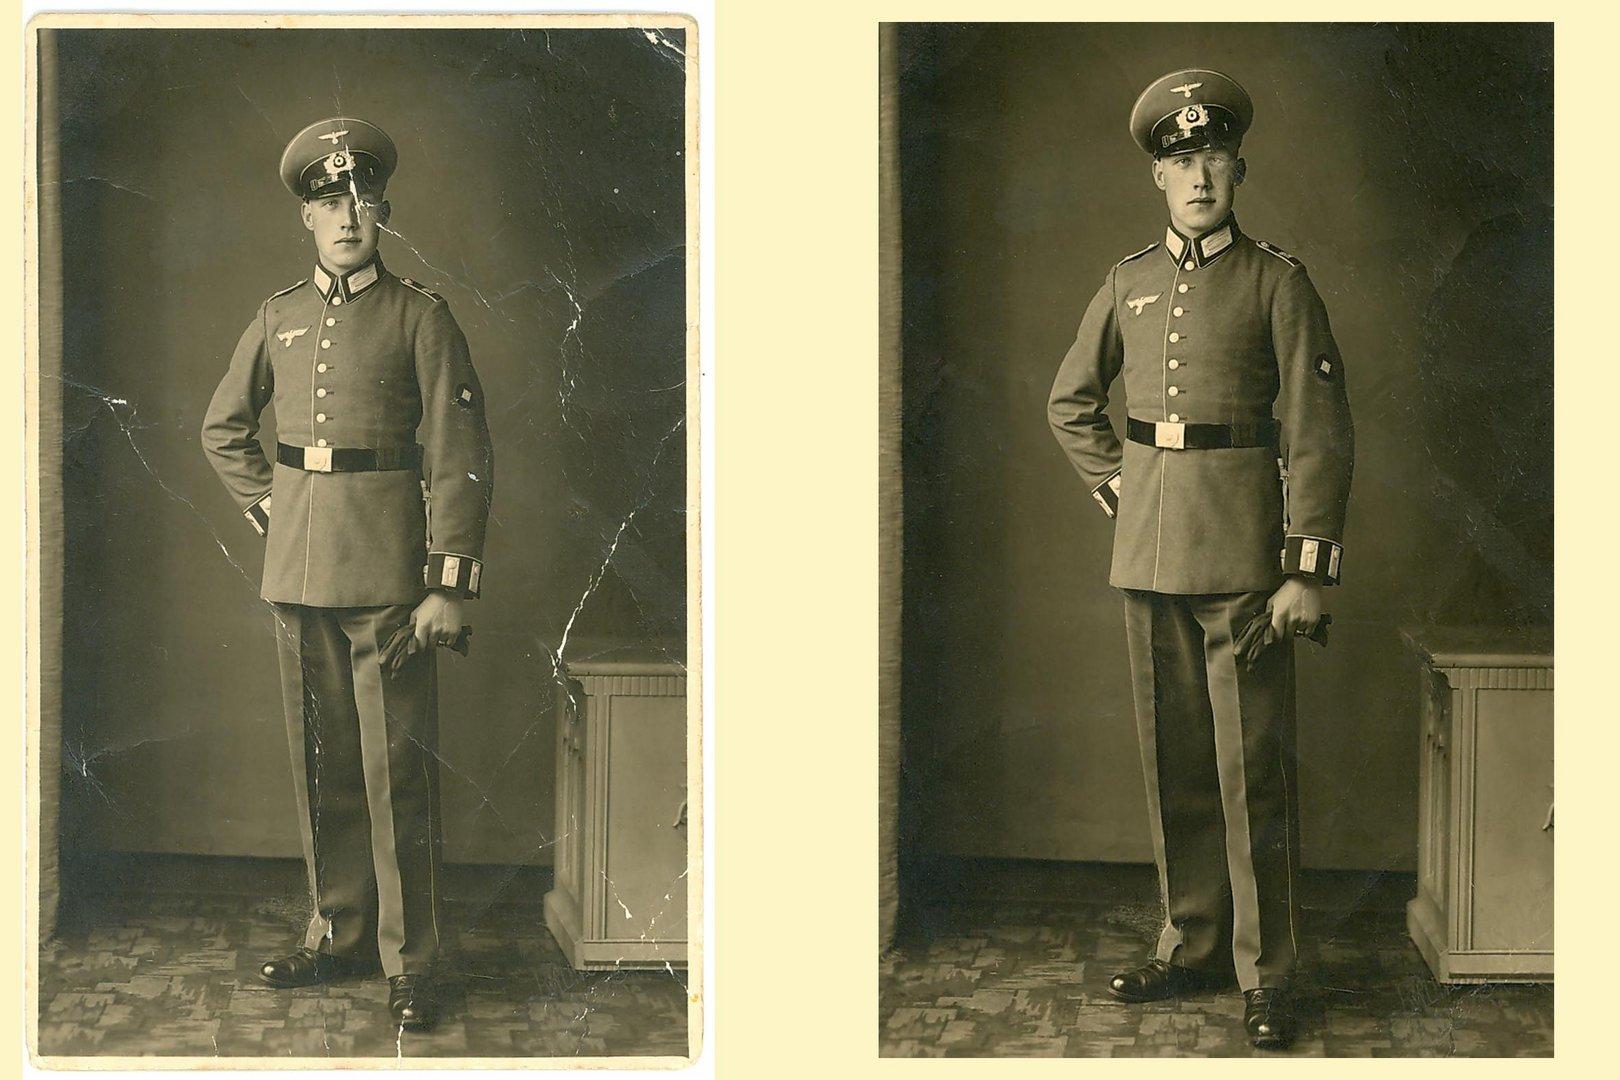 Aus alt macht neu, mein Opa (das Bild müsste gegen Ende der 30er Jahre entstanden sein)